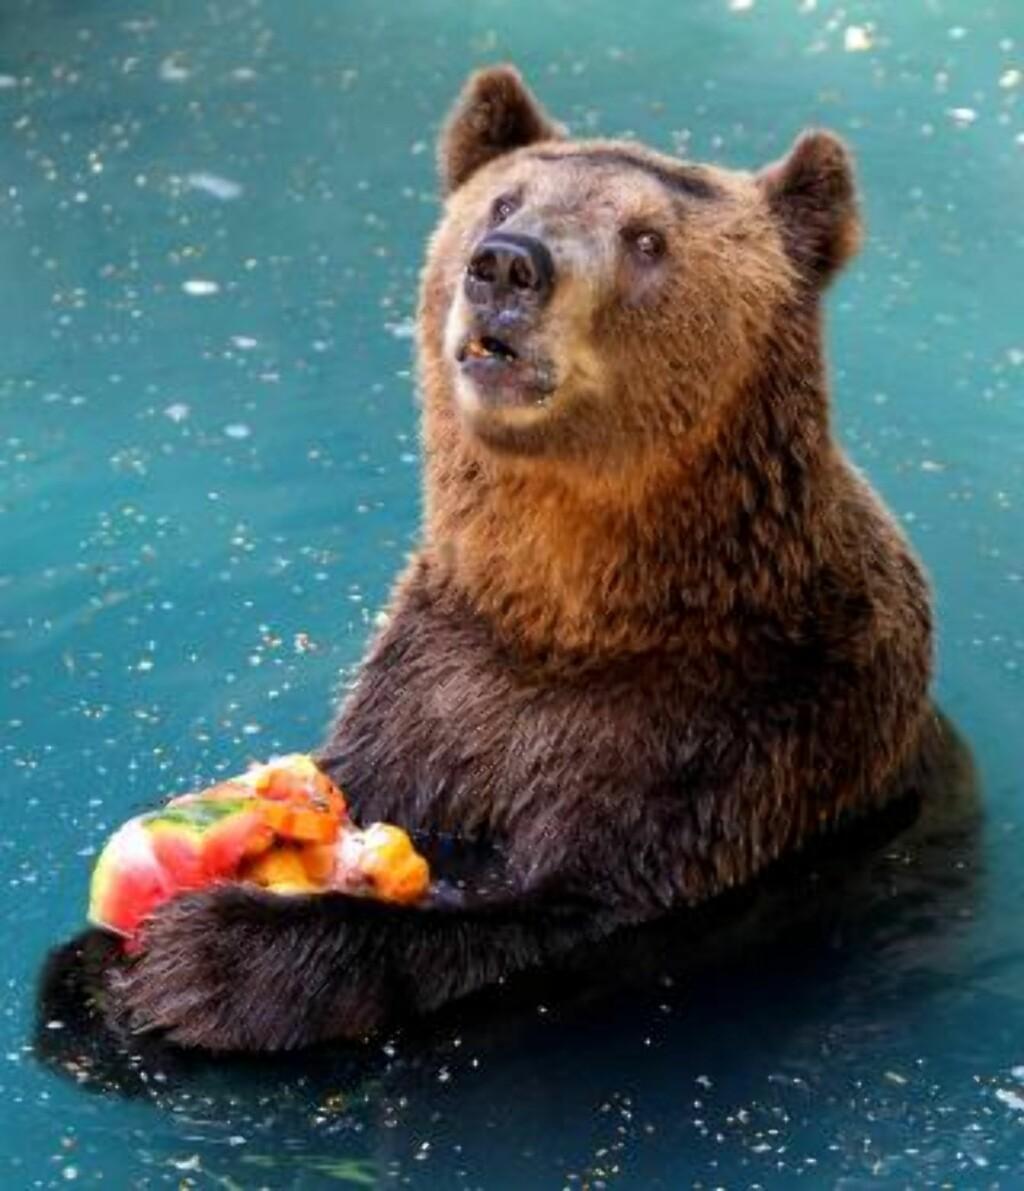 FEM OM DAGEN? Denne bjørnen har sikret seg en favn frossenfrukt. Foto: AP